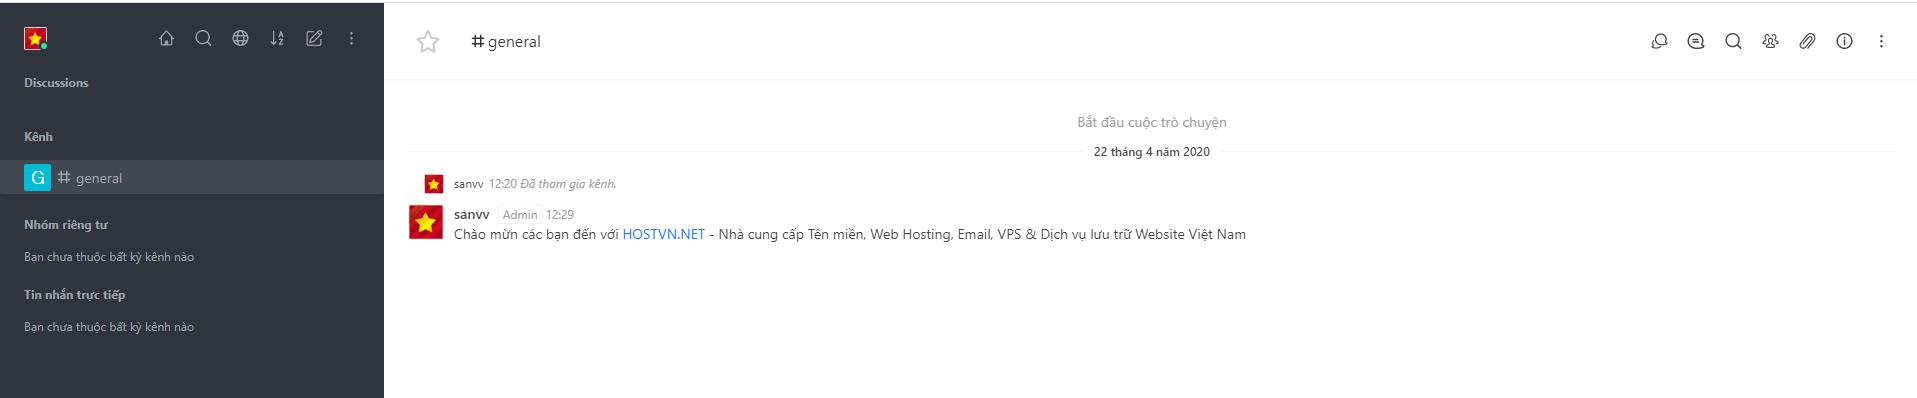 Screenshot_20 - cài đặt Rocket.Chat trên Ubuntu